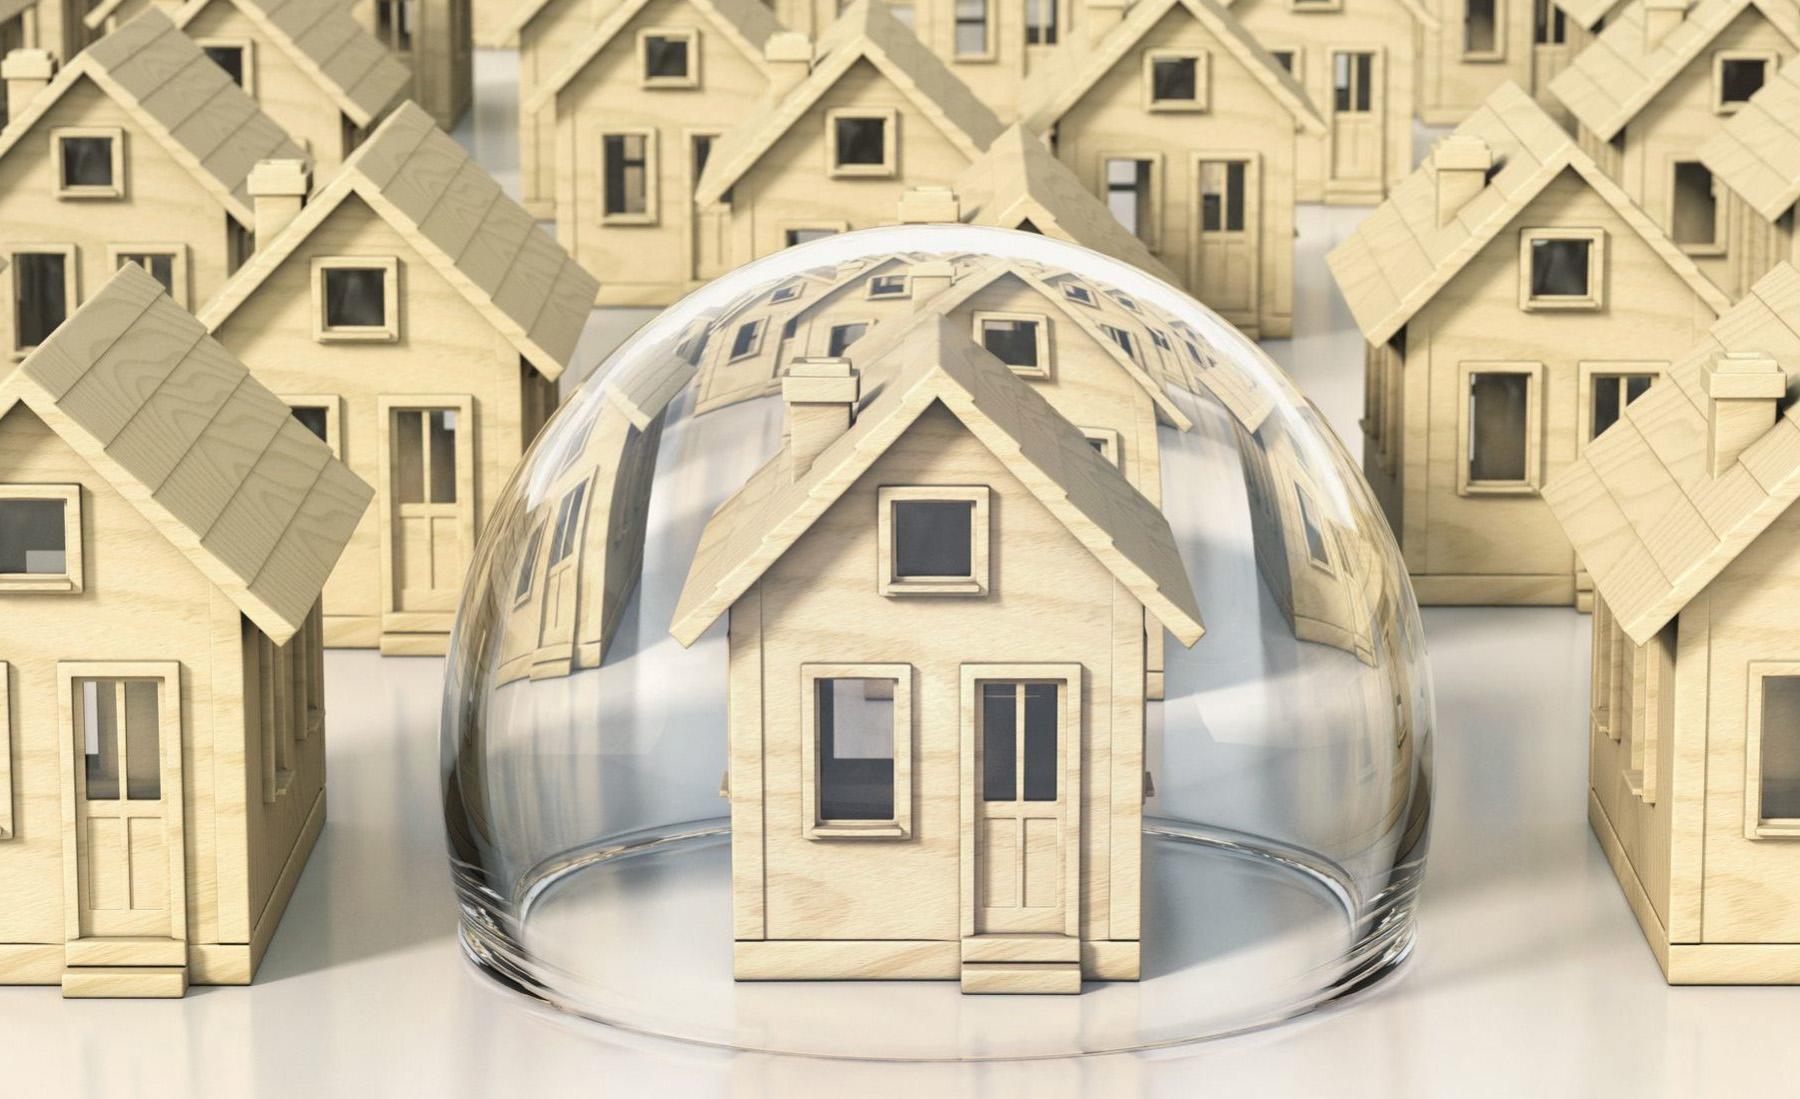 La mejor alternativa para elegir una buena póliza de seguros para el hogar